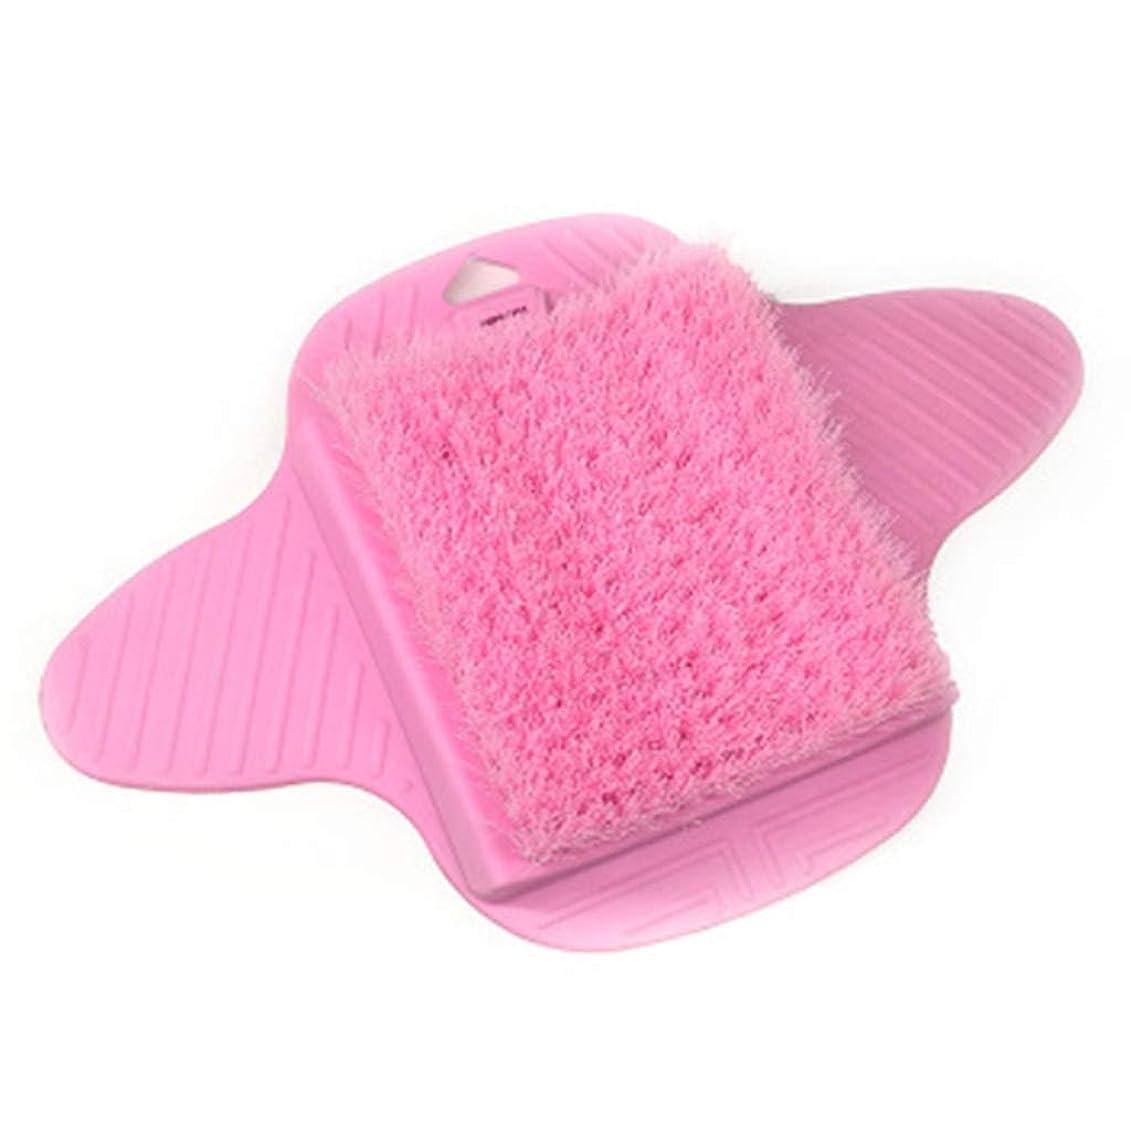 相手たるみコピーノンスリップフットマッサージャースクラバースクラブブラシ、角質除去、お手入れが簡単、乾いた肌をきれいにします,Pink